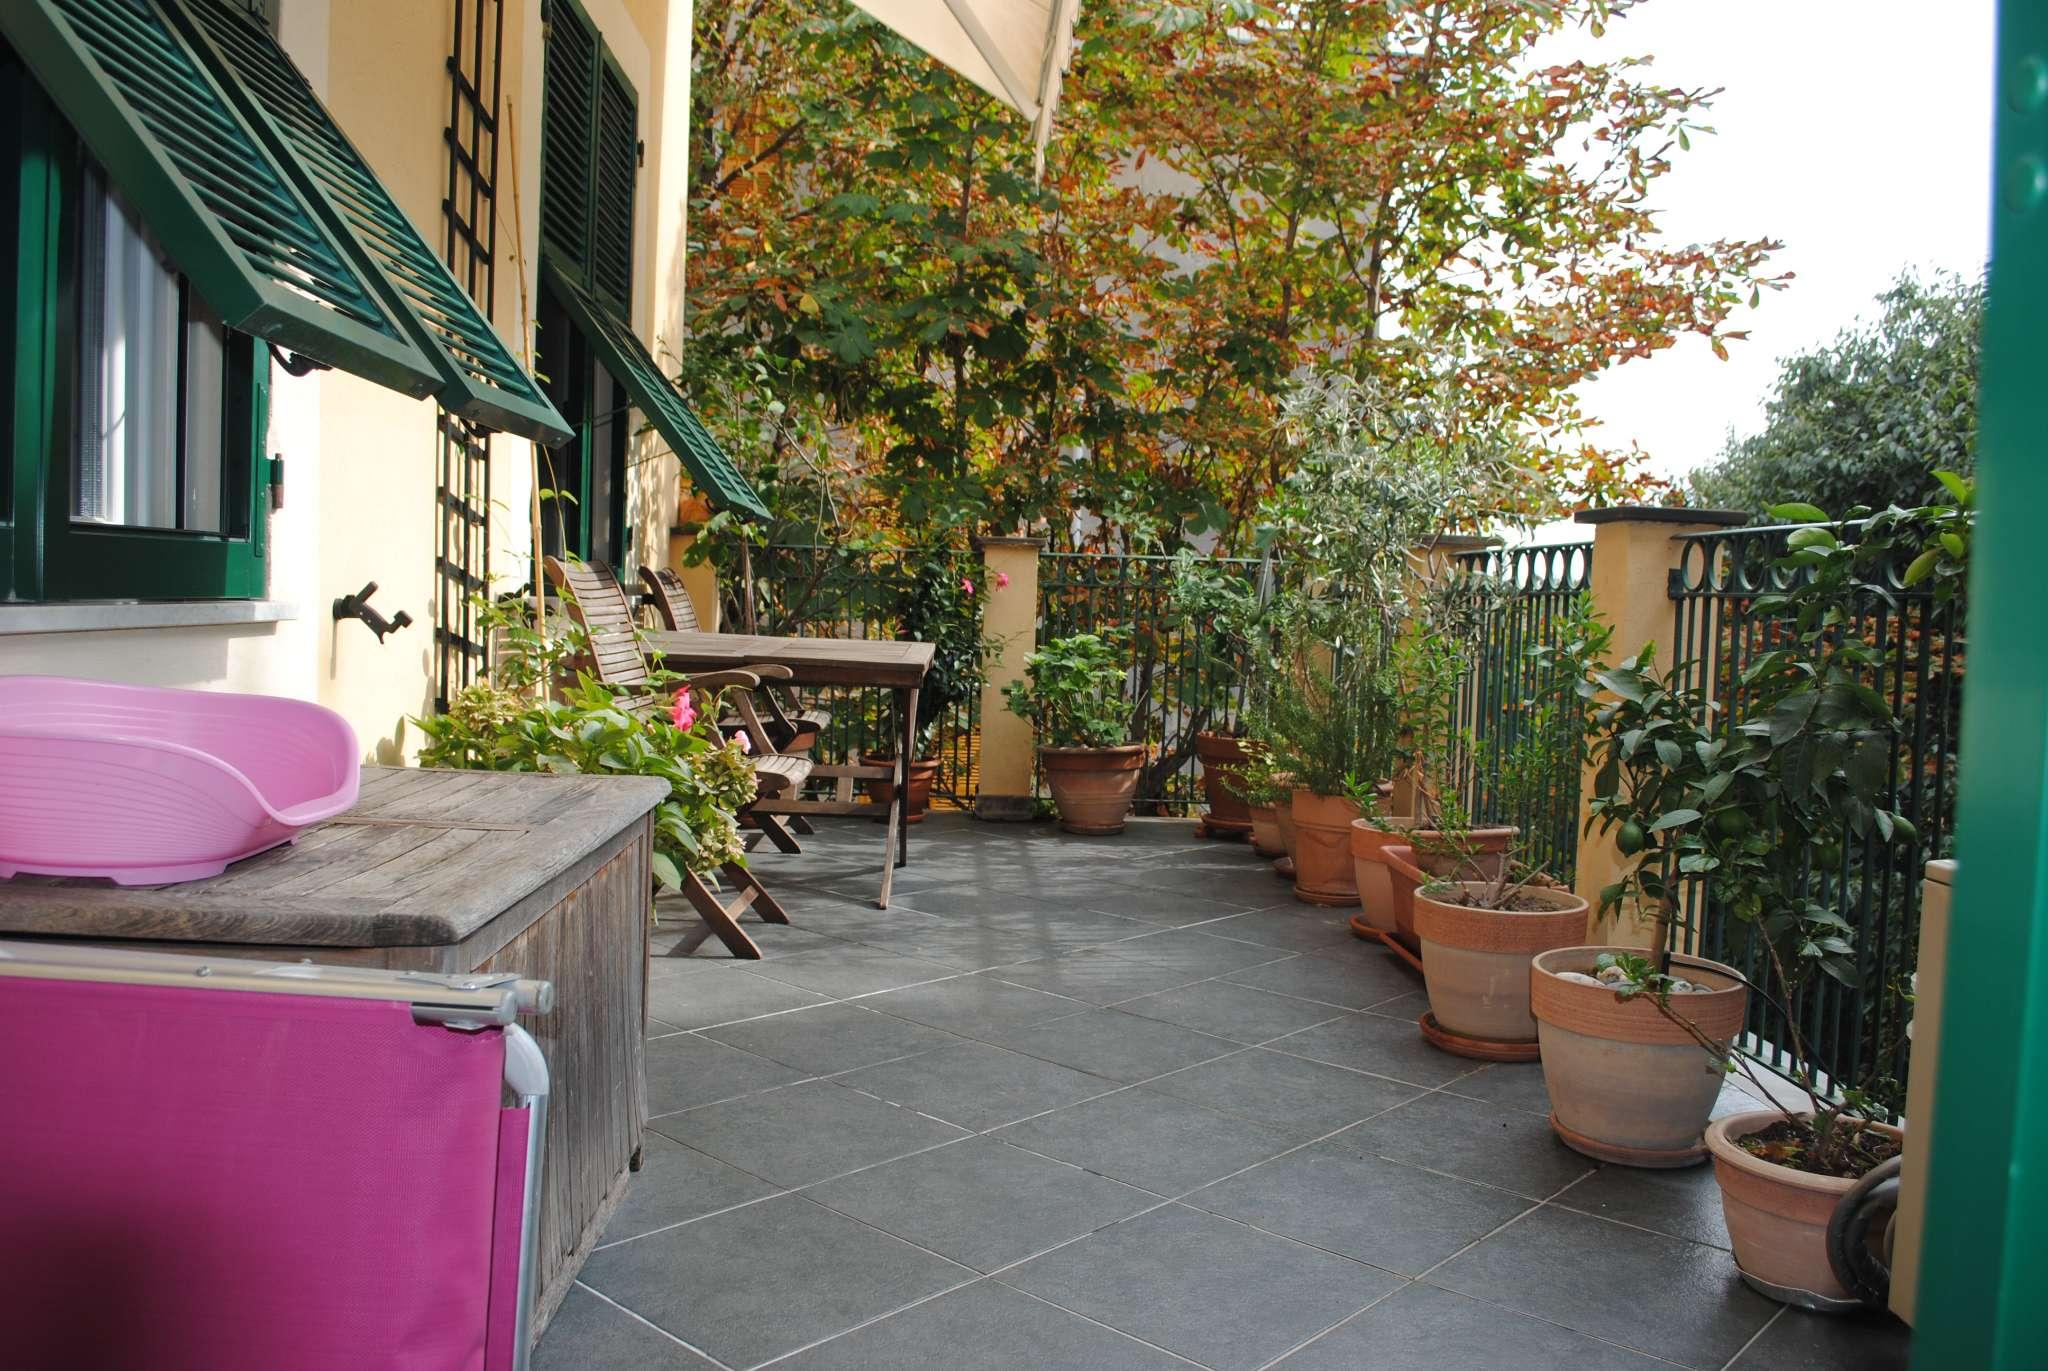 Appartamento in vendita a Genova, 3 locali, prezzo € 299.000 | PortaleAgenzieImmobiliari.it